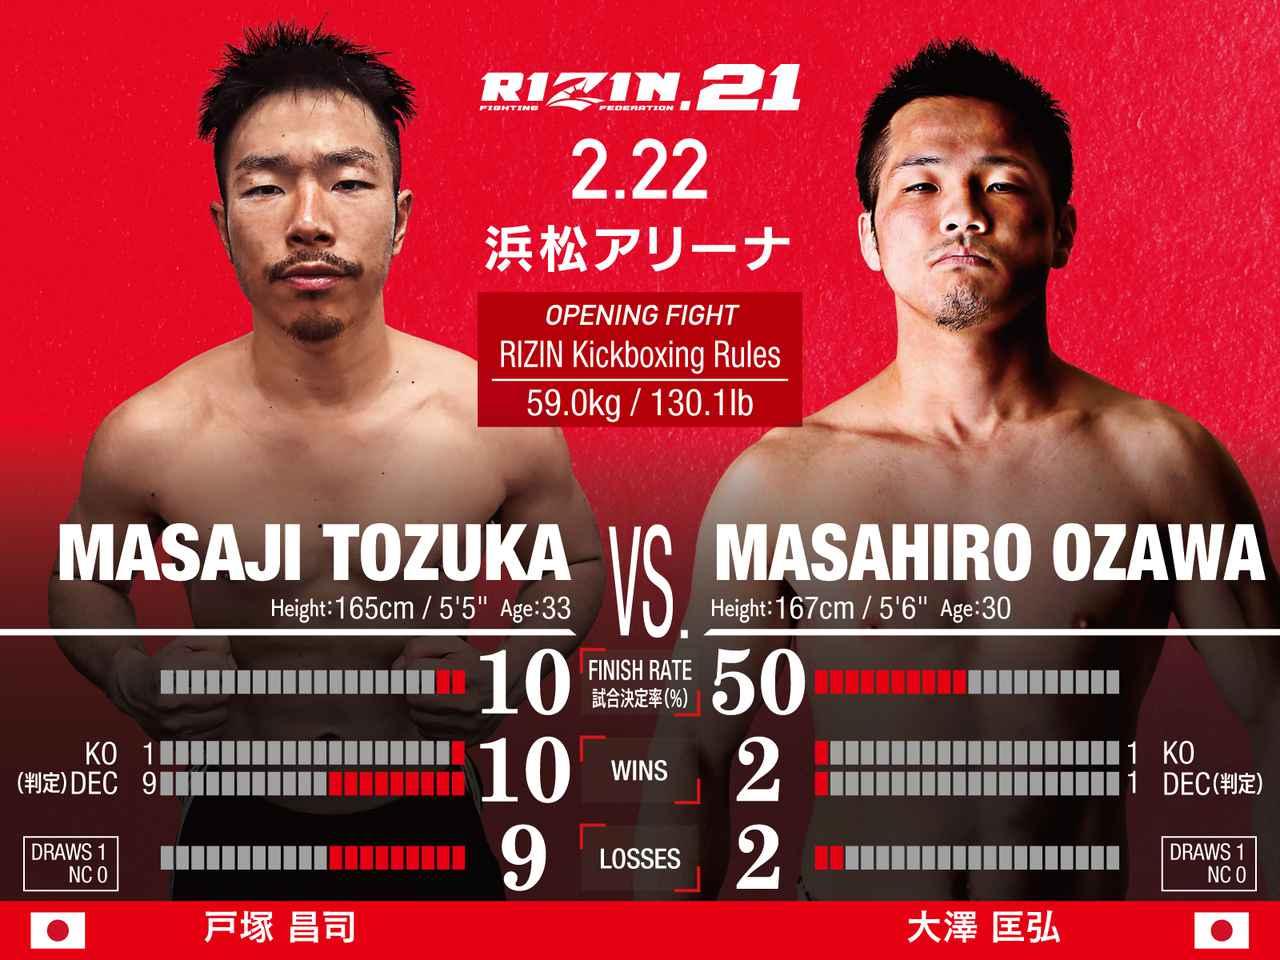 画像: OPENING FIGHT 第1試合/ 戸塚昌司 vs. 大澤匡弘